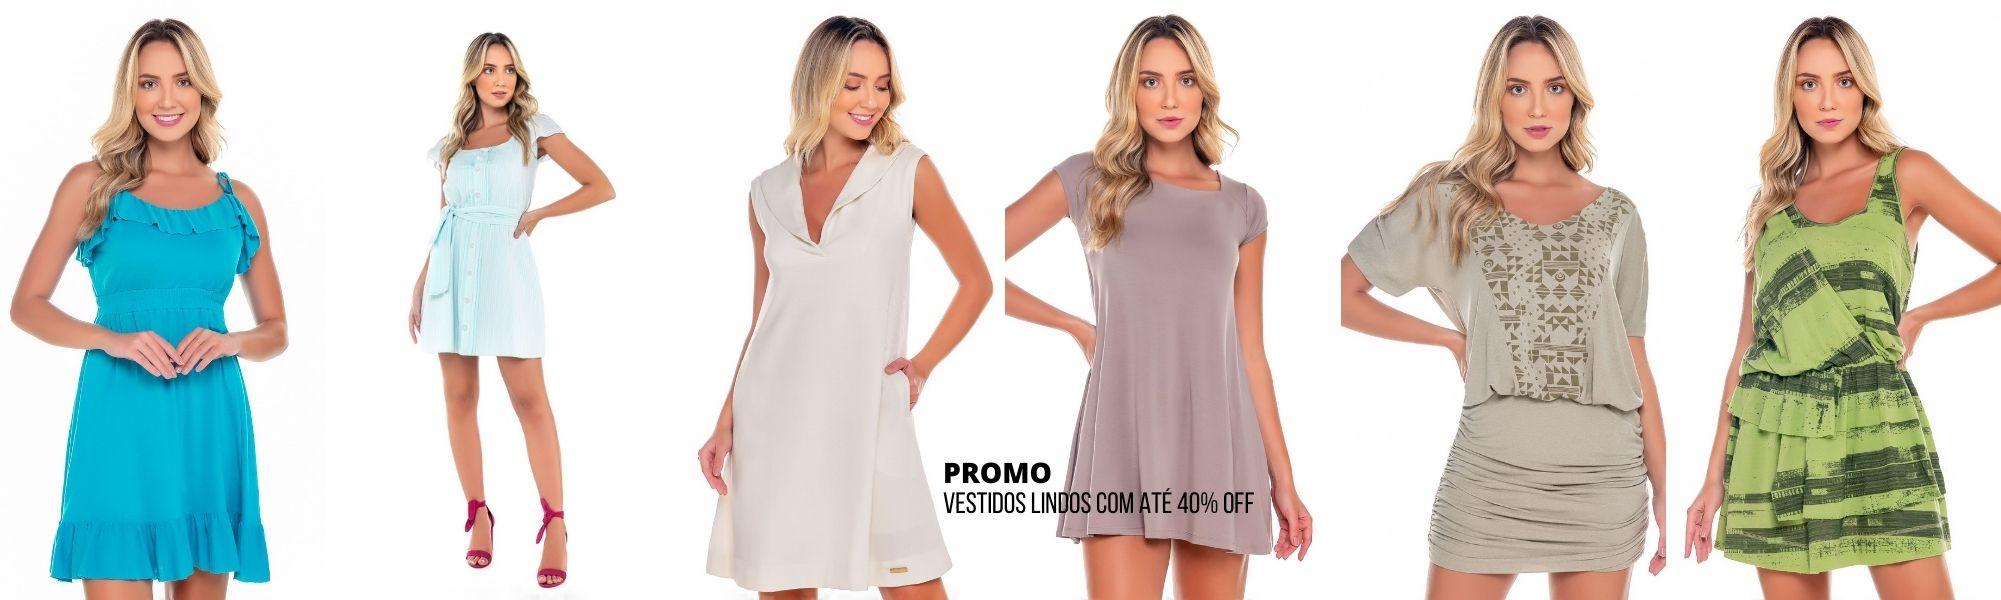 Promoção-vestidos-curtos